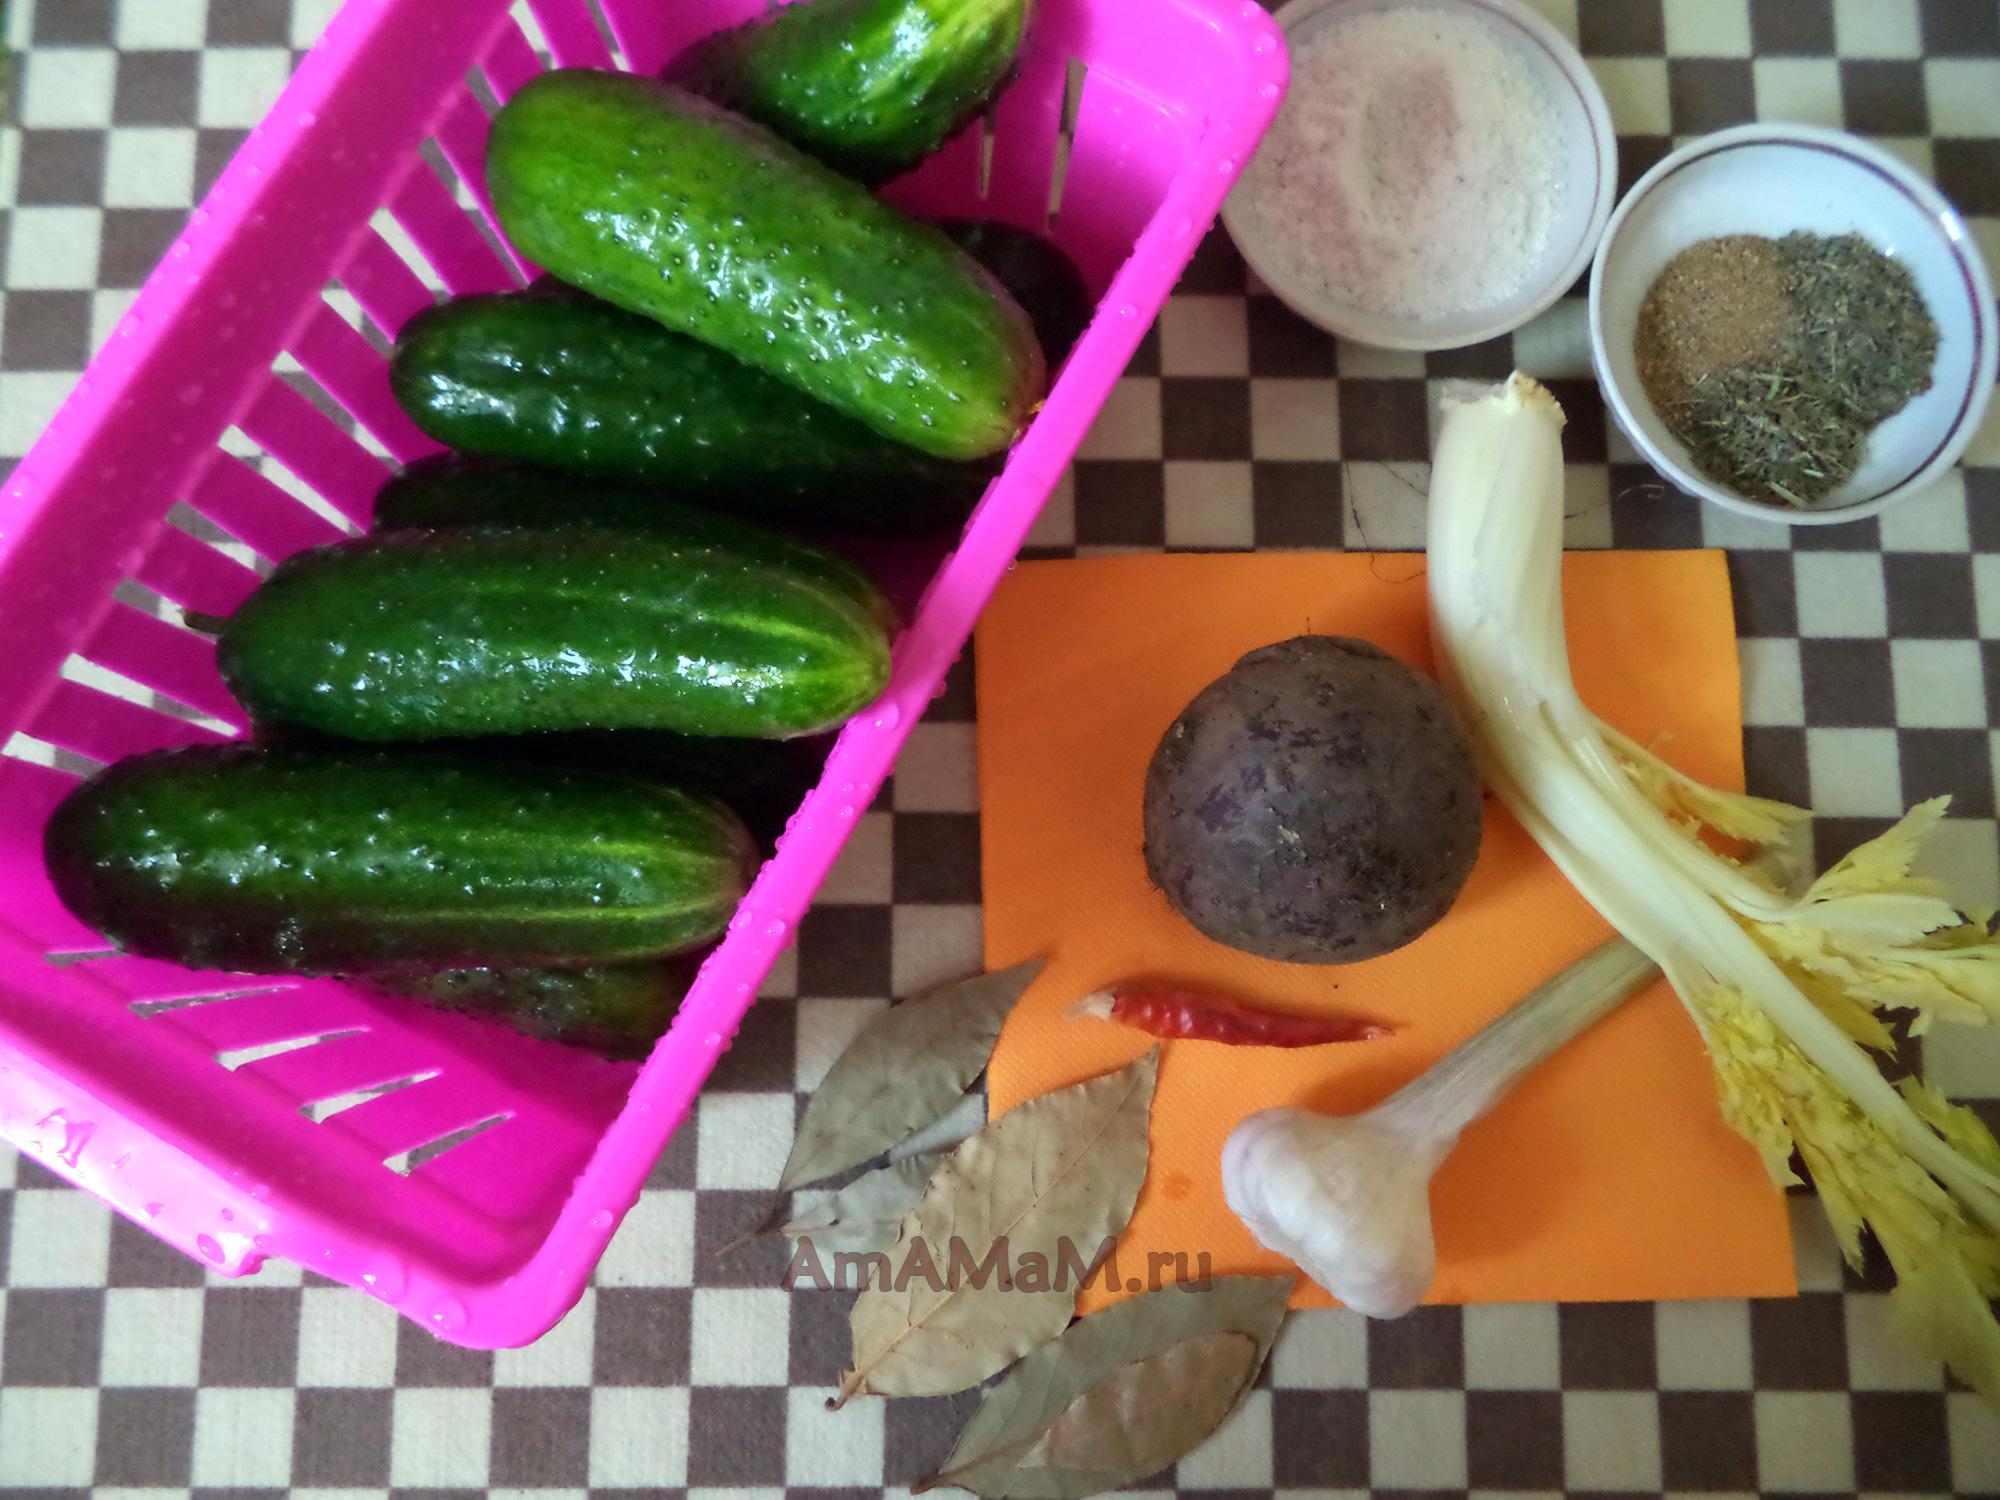 рецепт быстрого приготовления малосольных огурчиков